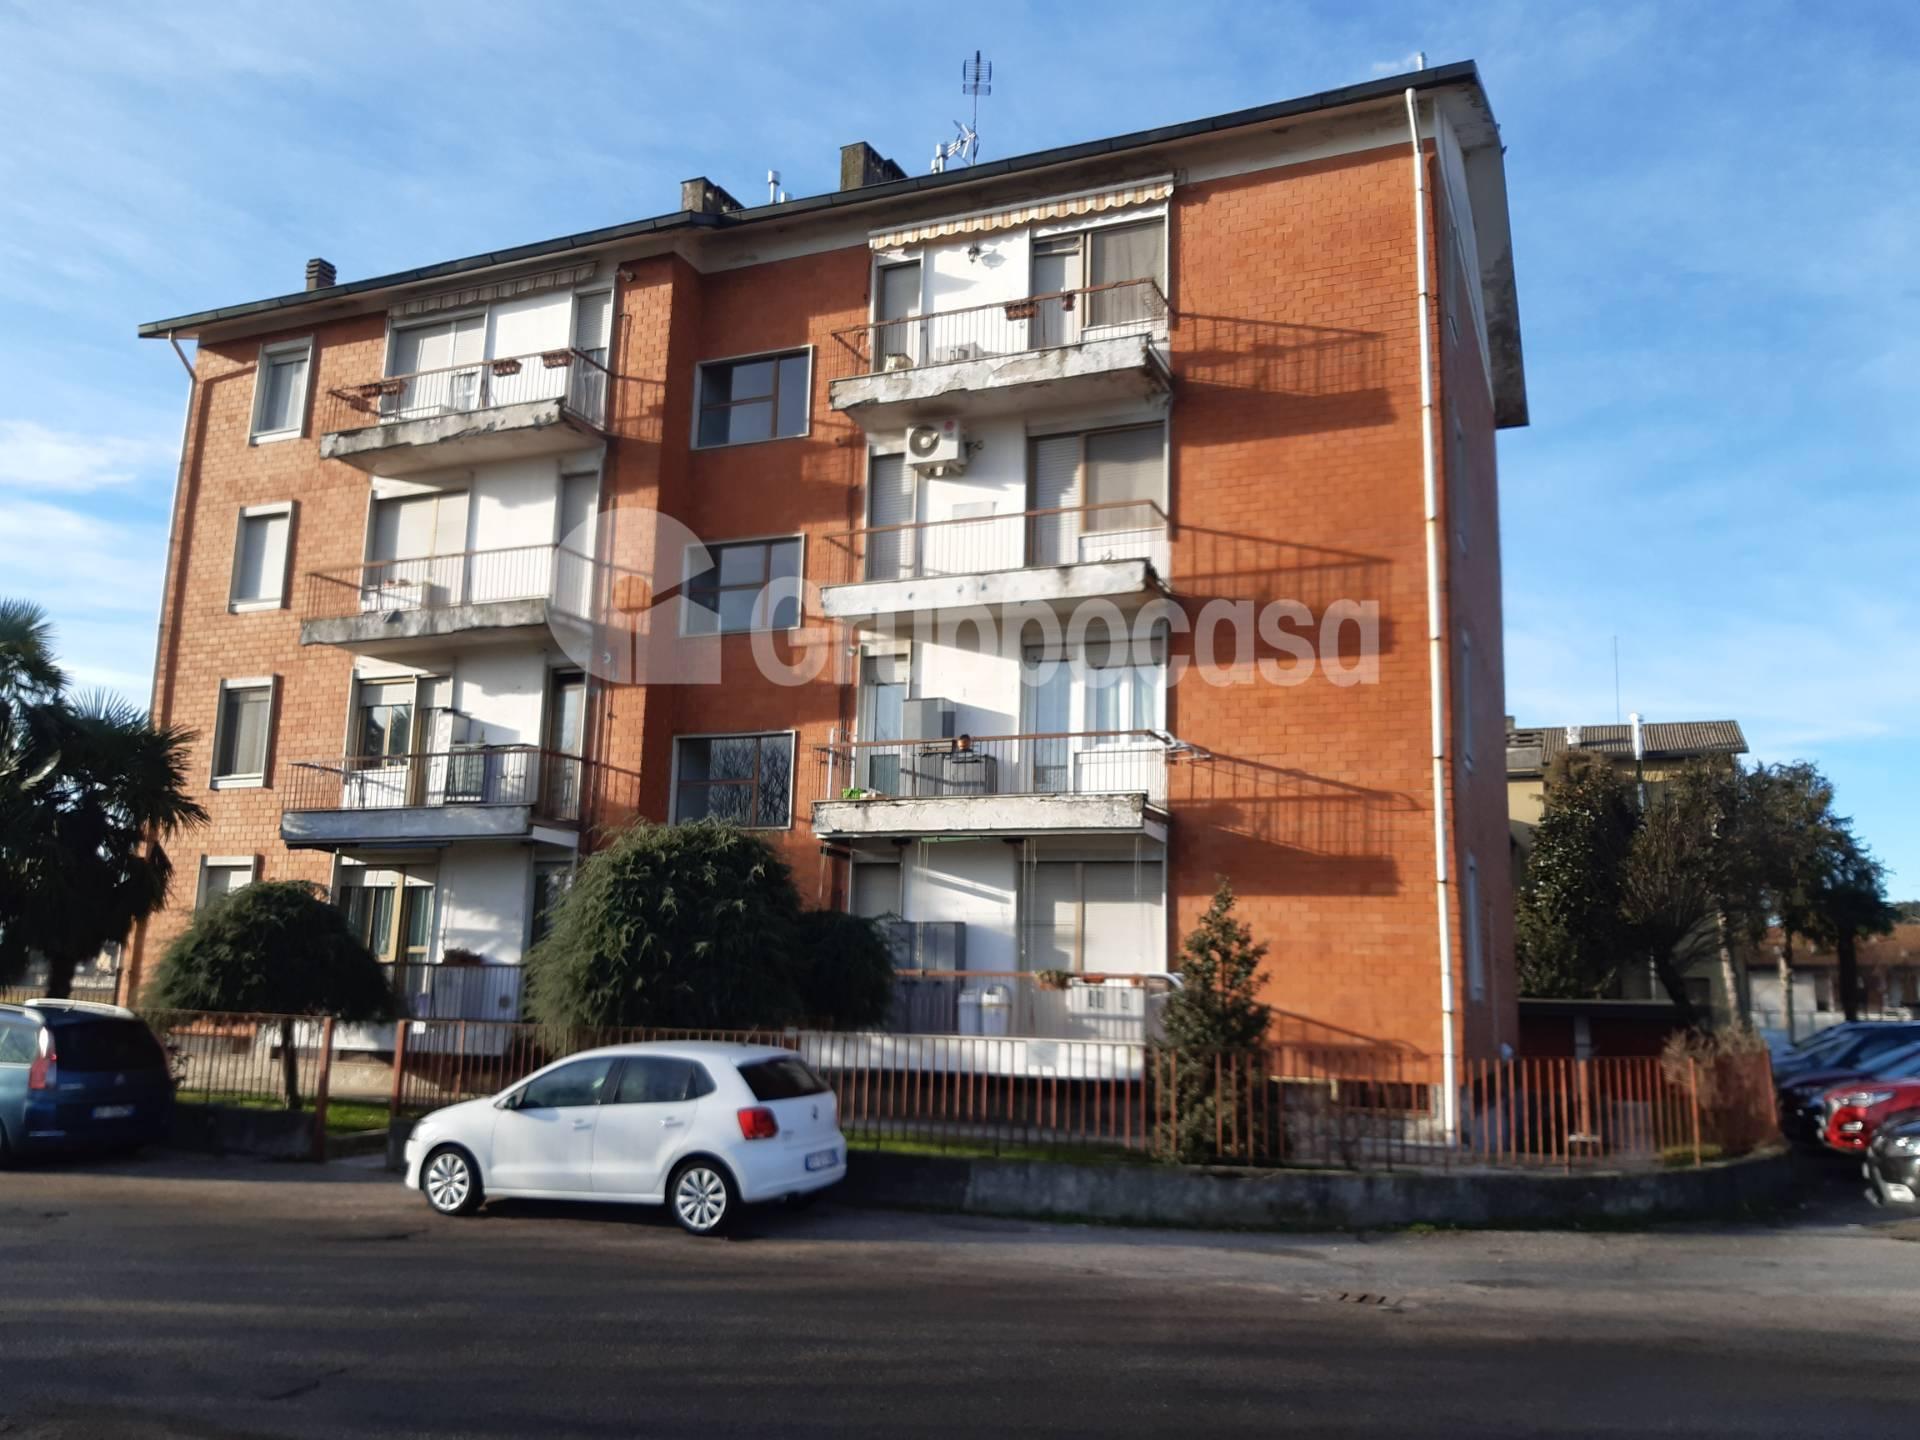 Appartamento in vendita a Ossona, 3 locali, prezzo € 82.000 | PortaleAgenzieImmobiliari.it